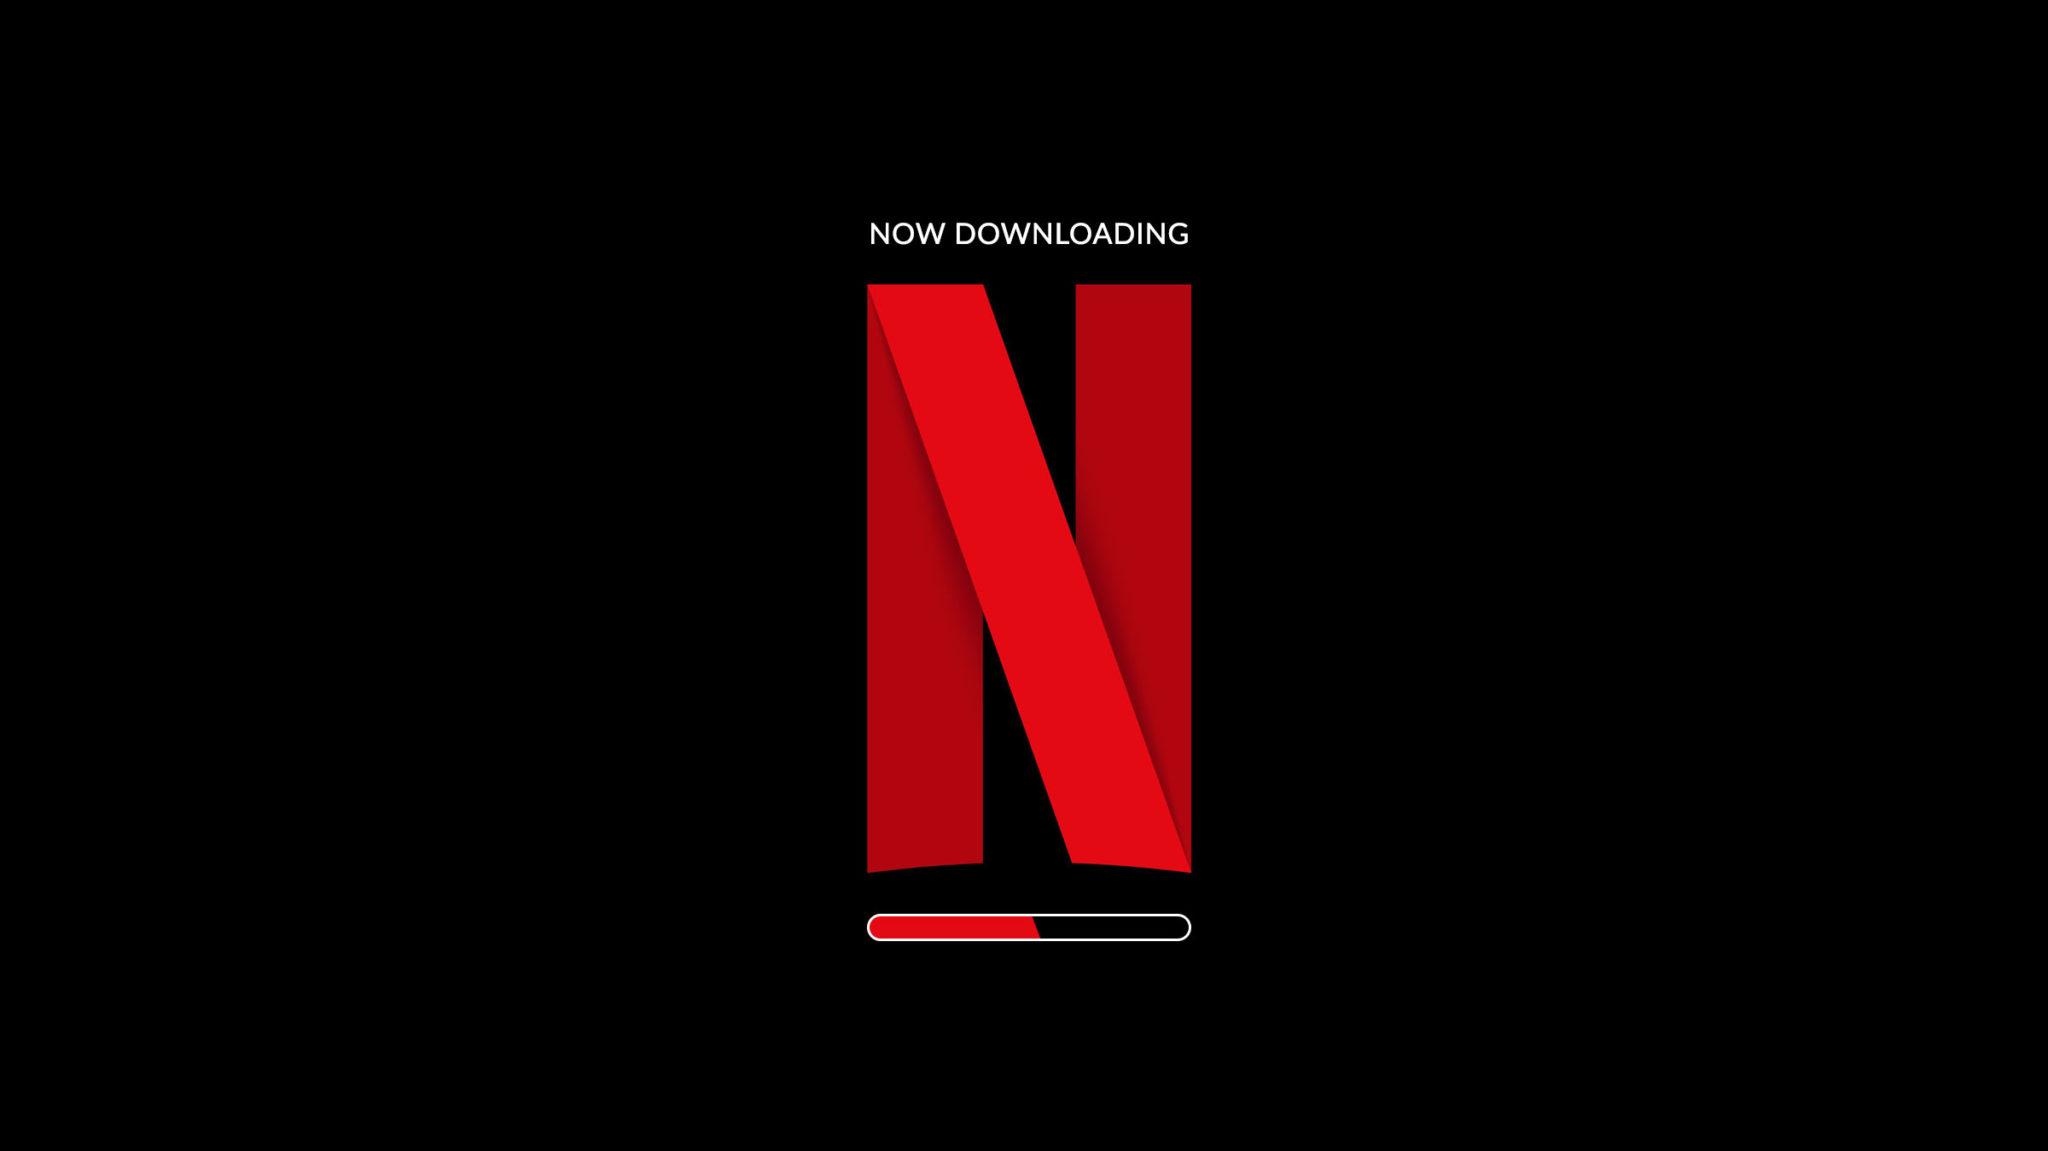 Netflix comienza a limitar descargas offline   El Imparcial de Oaxaca